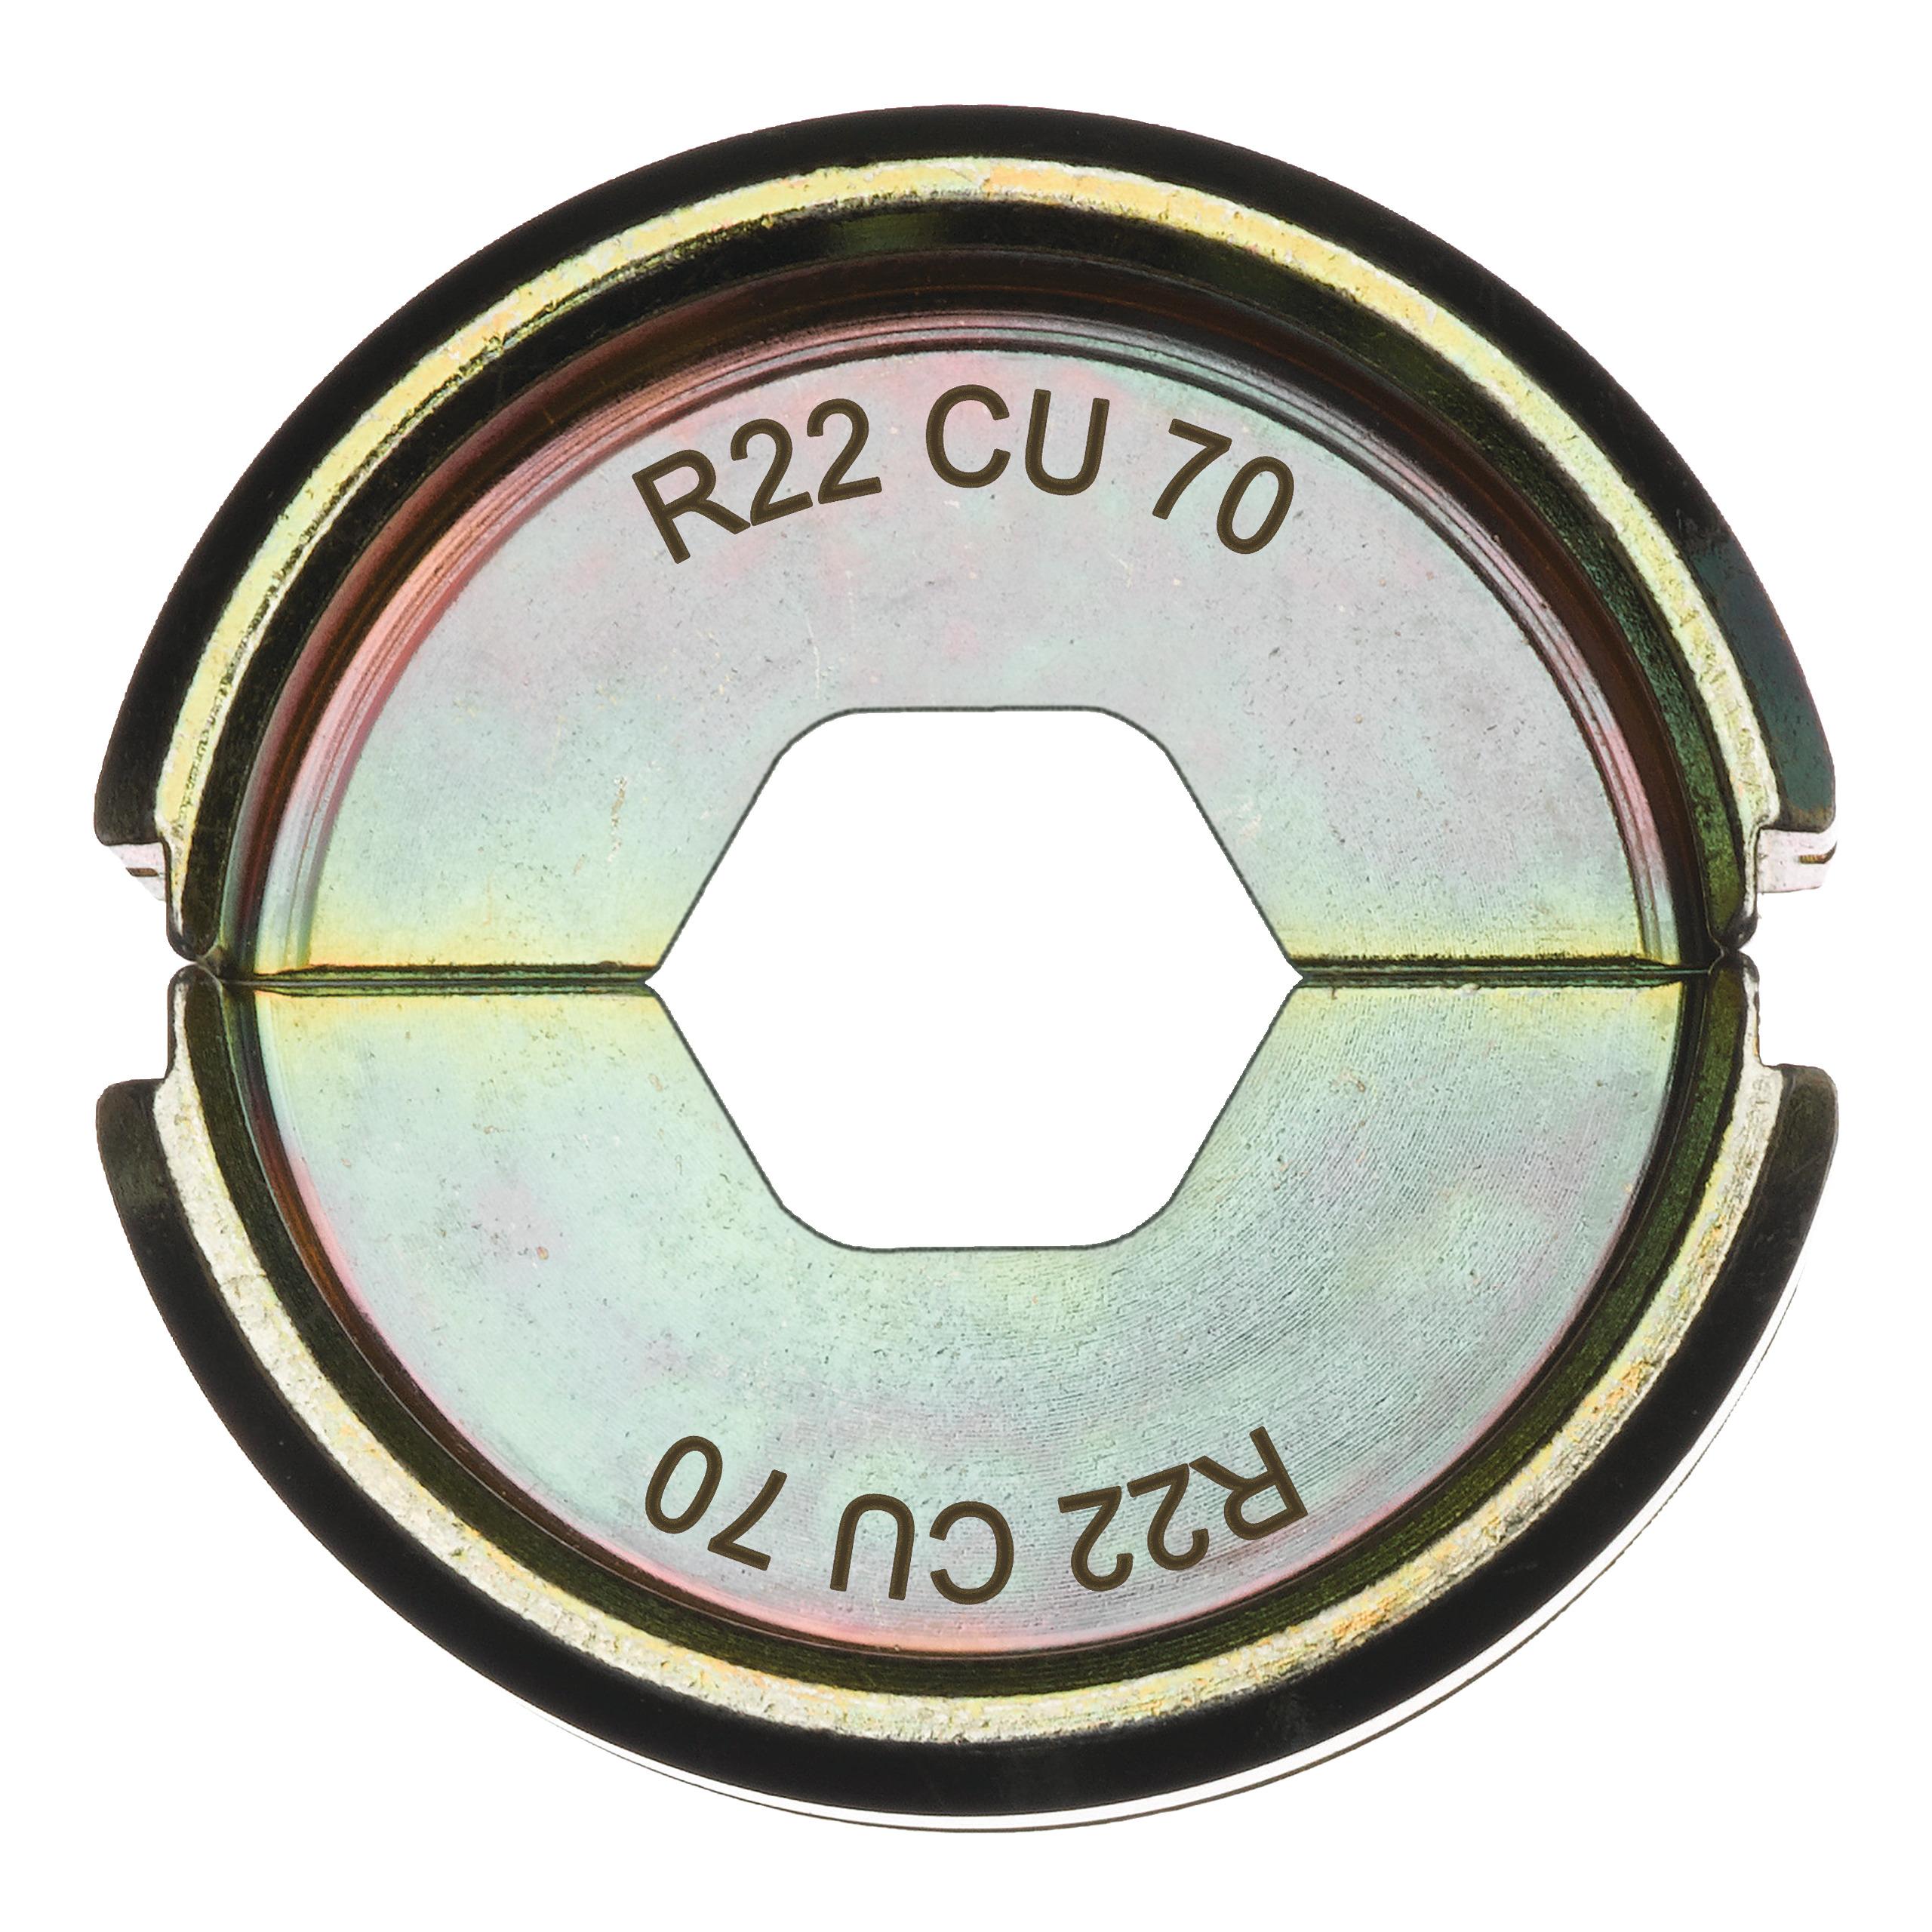 Krimpovací čelisti  R22 Cu 70